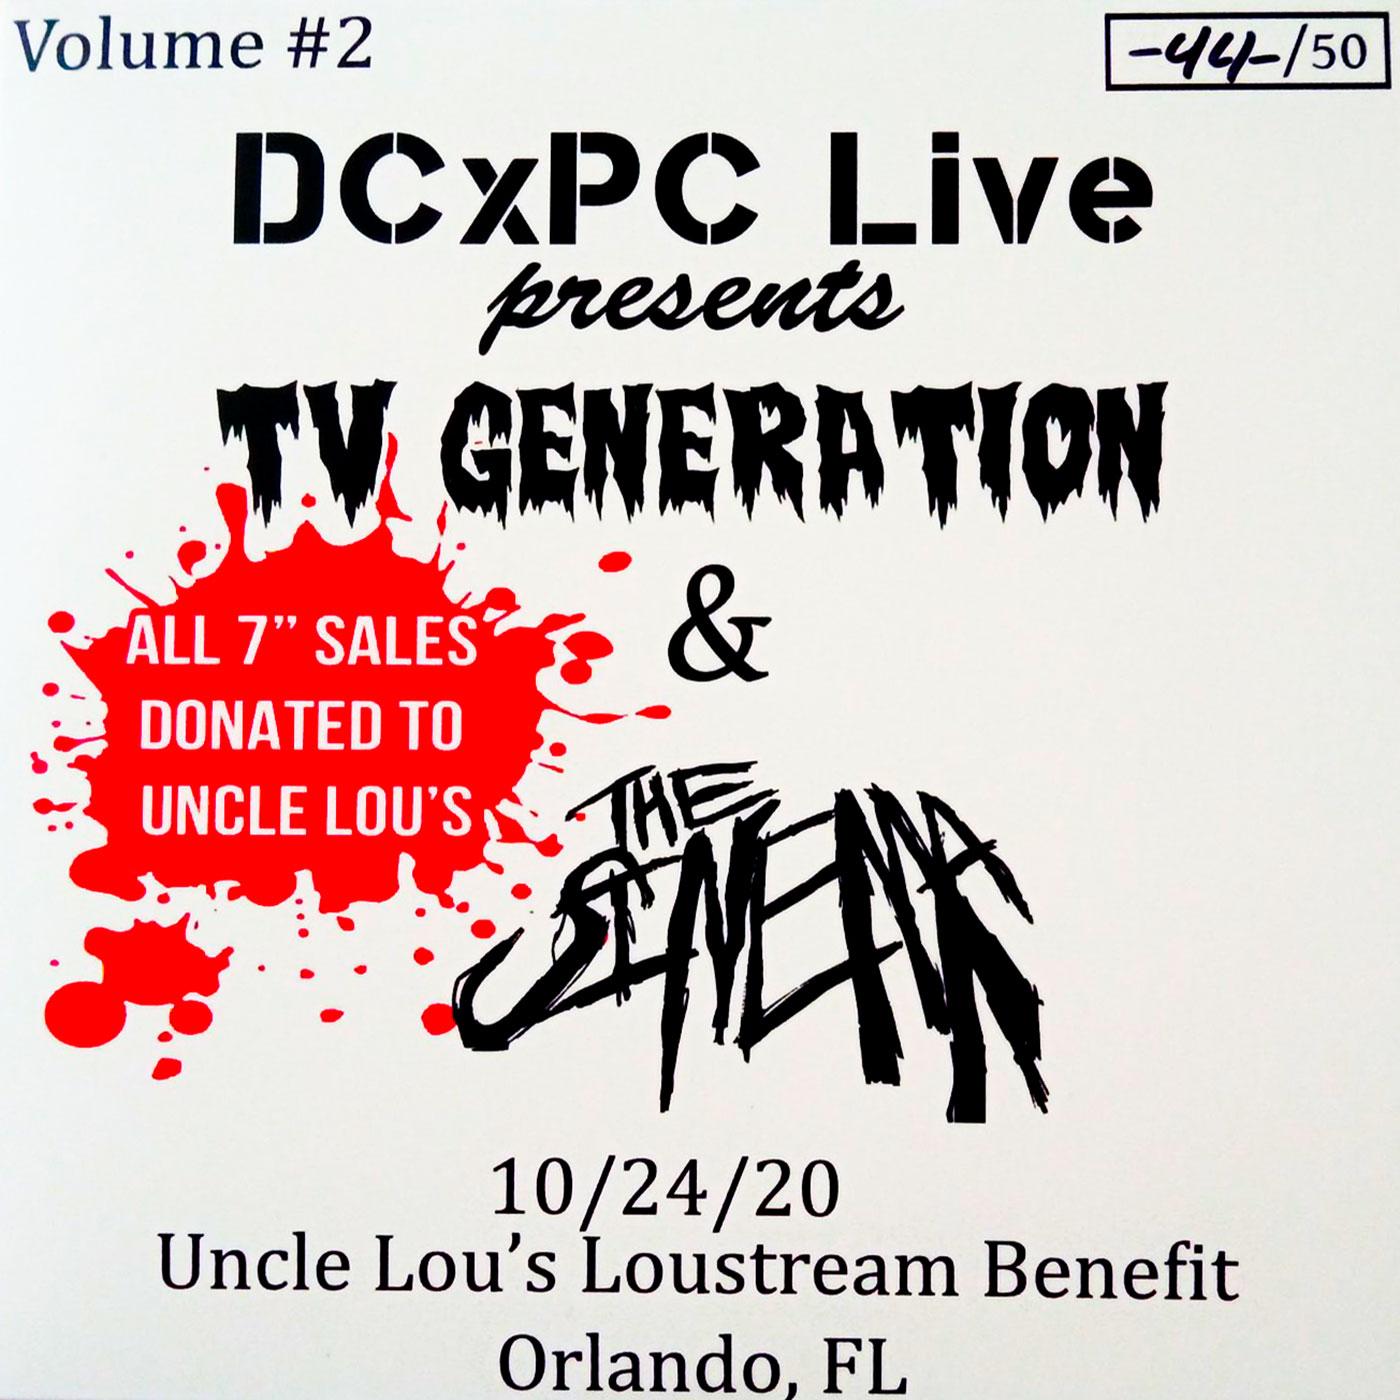 TV Generation & The Sinema - Live at Uncle Lou's, Orlando FL - DCxPC Live Vol. 2